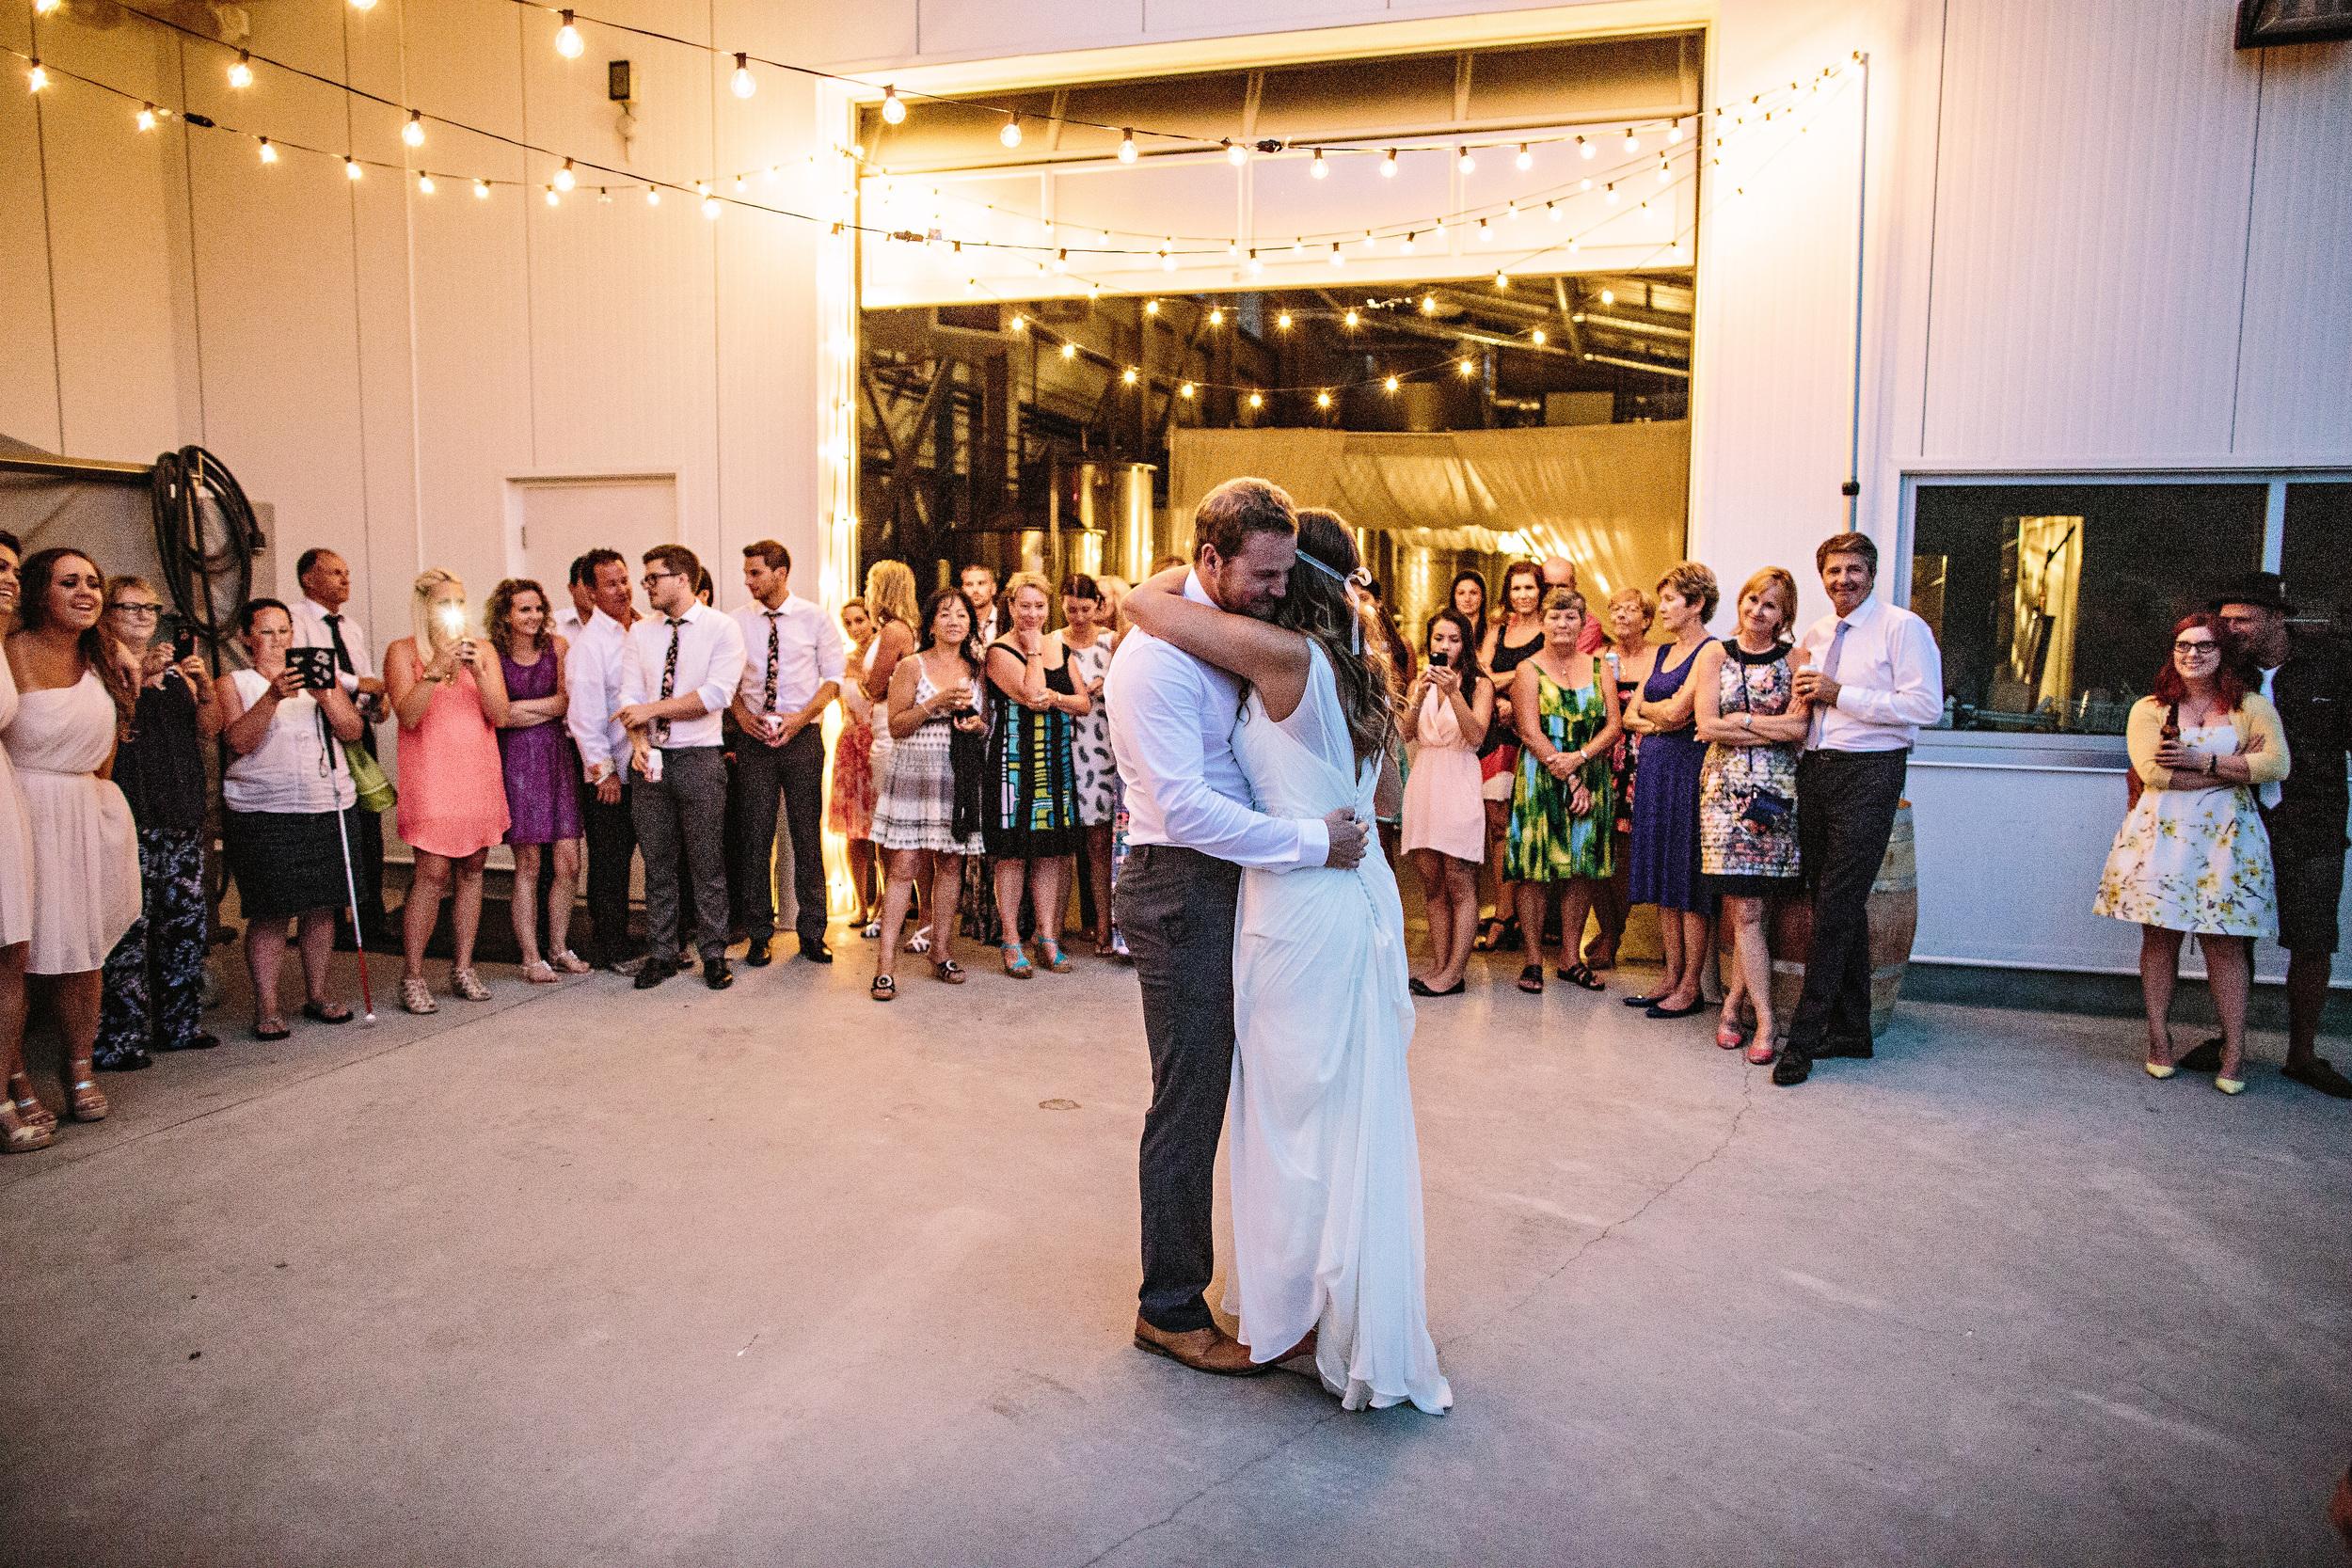 Kelowna Outdoor Wedding Dance.jpg